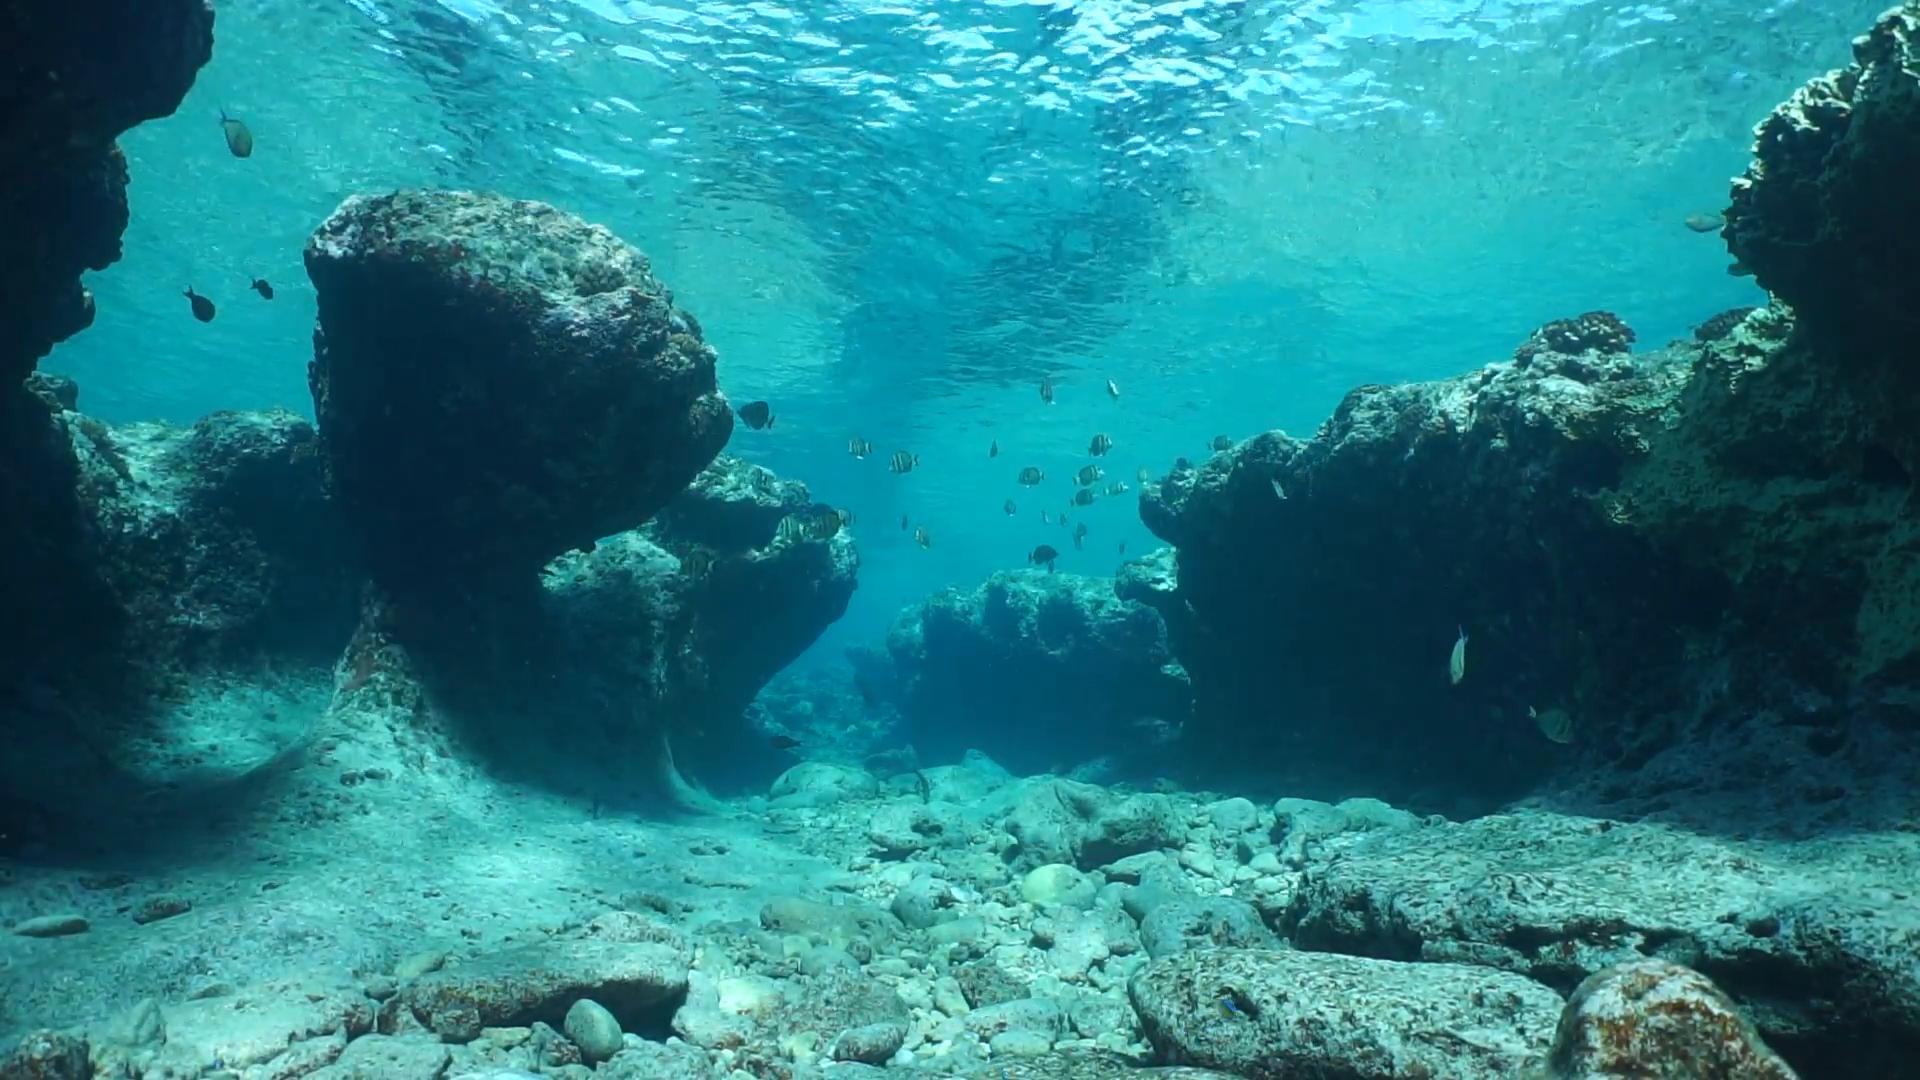 Underwater Landscape Ocean Pictures Ocean Pictures To Paint